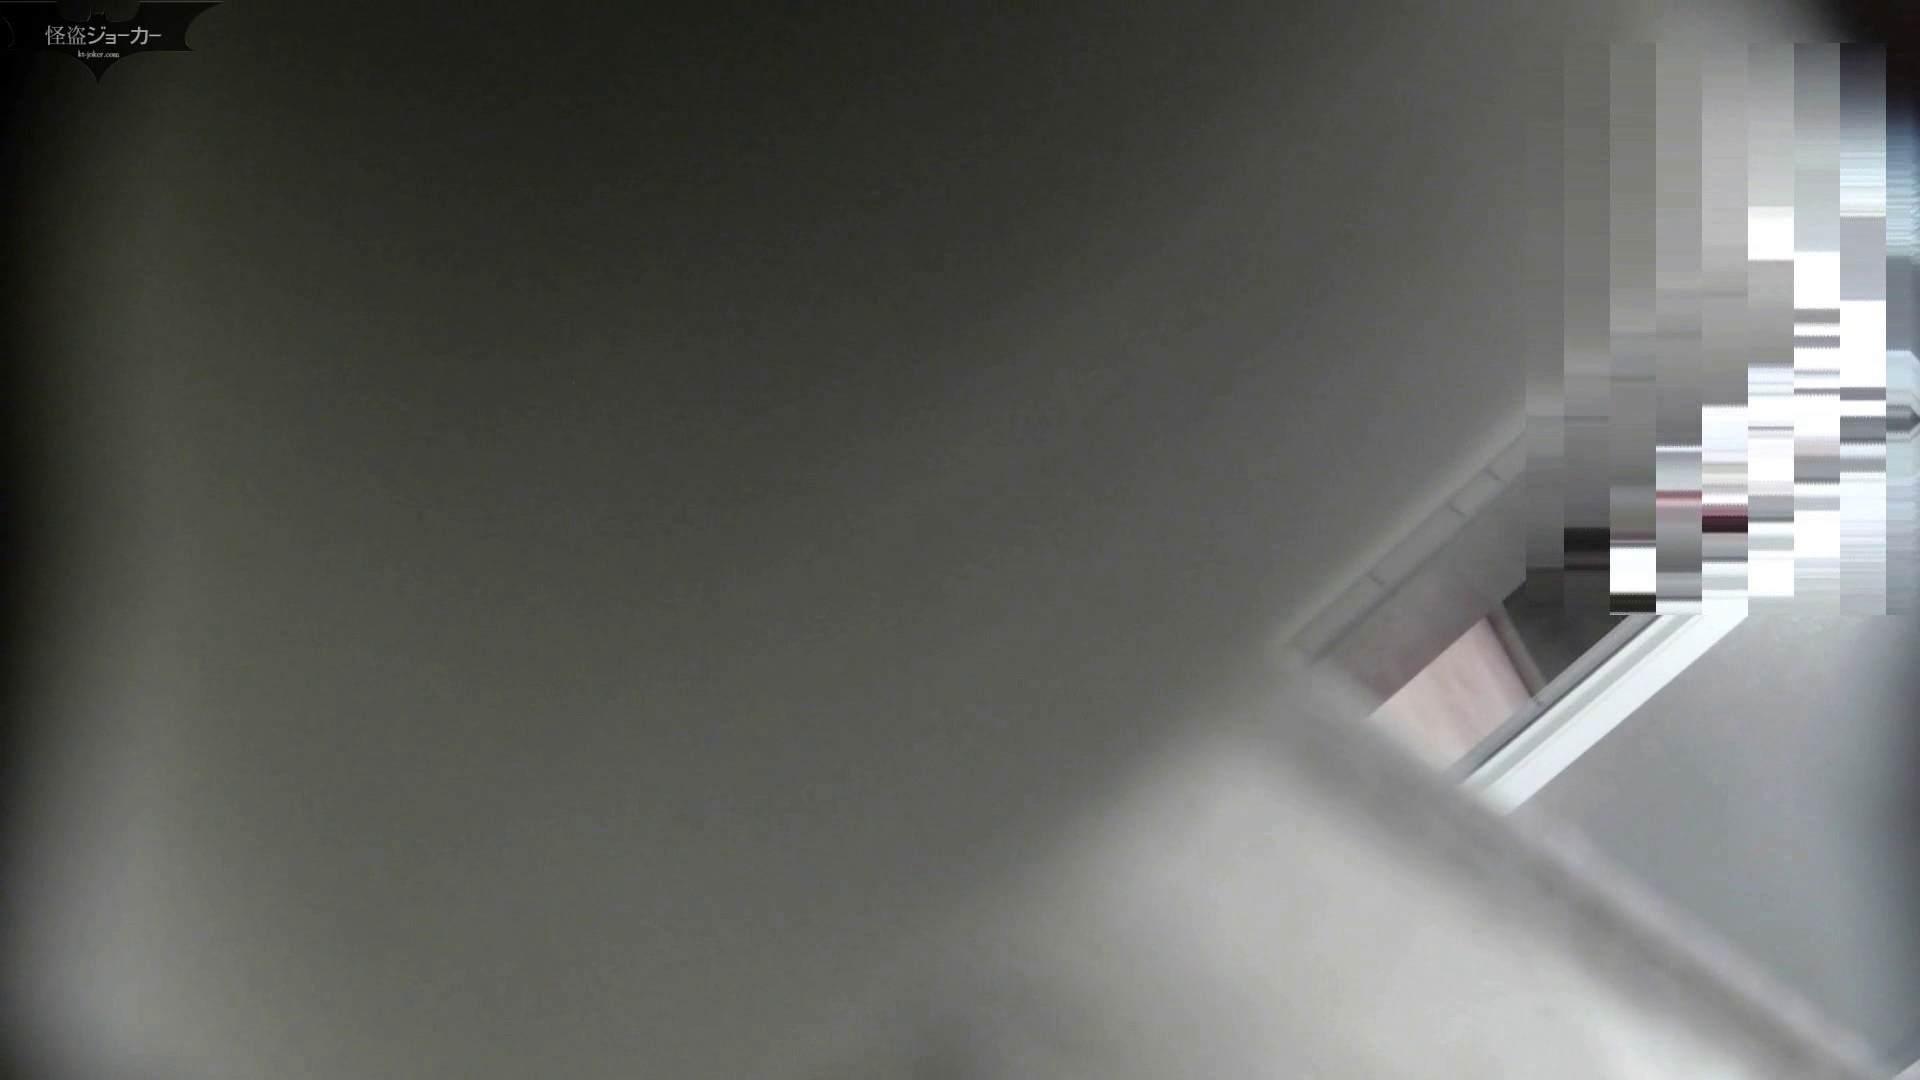 【美しき個室な世界】洗面所特攻隊 vol.051 洗面所着替え   OL  61連発 20